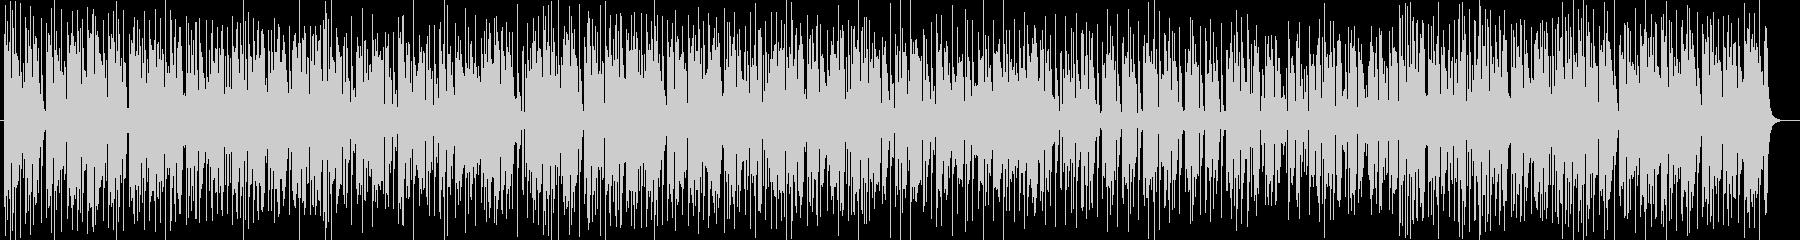 アニメ挿入歌のようなシンセサイザー曲の未再生の波形